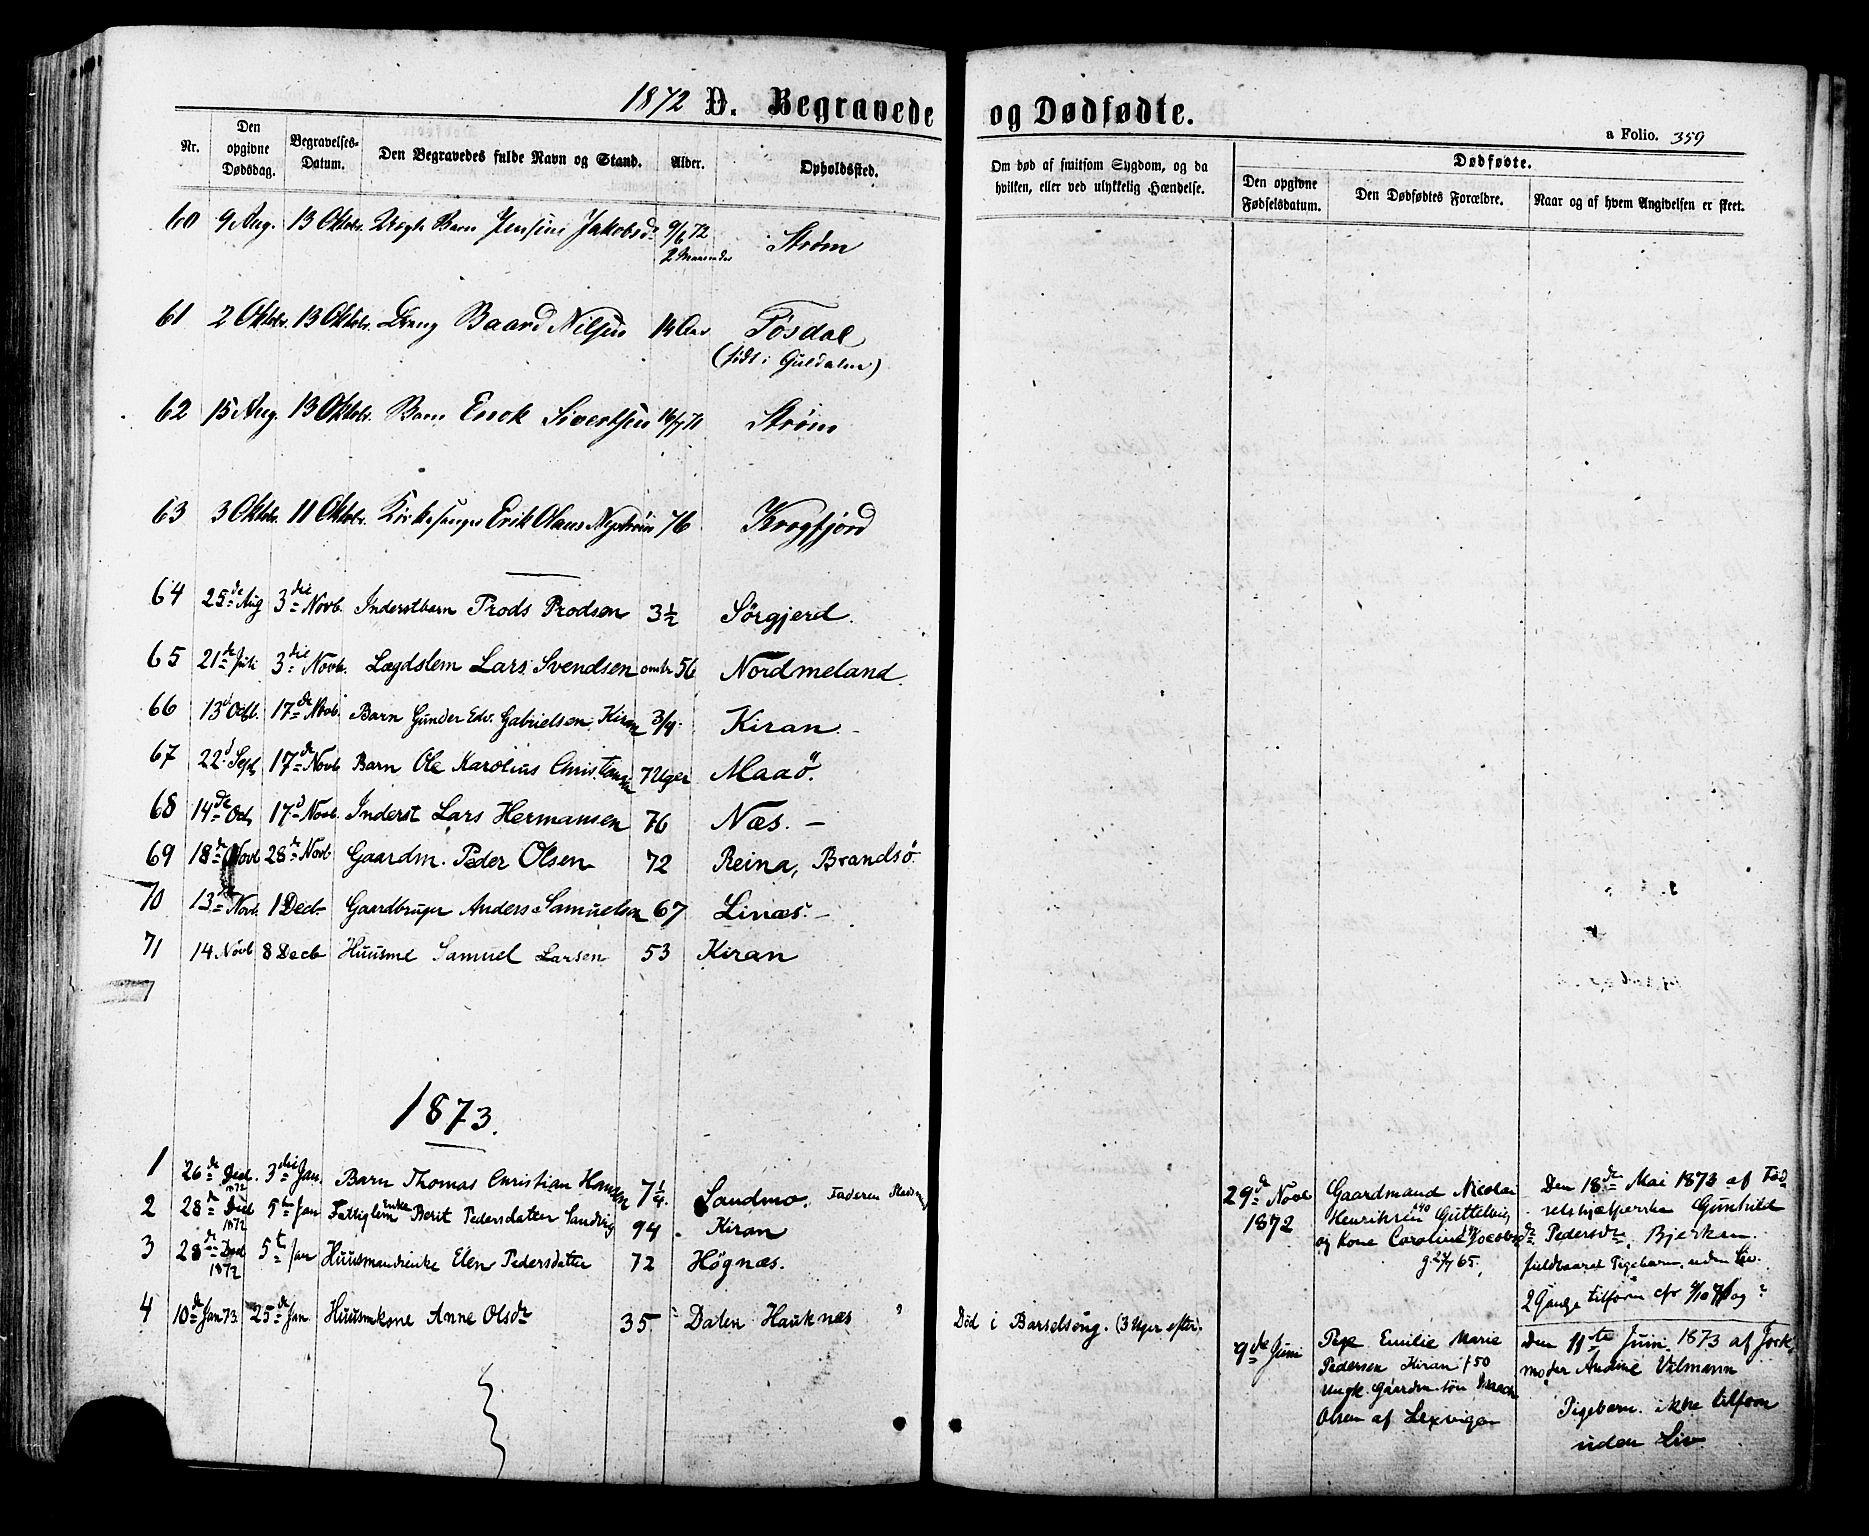 SAT, Ministerialprotokoller, klokkerbøker og fødselsregistre - Sør-Trøndelag, 657/L0706: Ministerialbok nr. 657A07, 1867-1878, s. 359